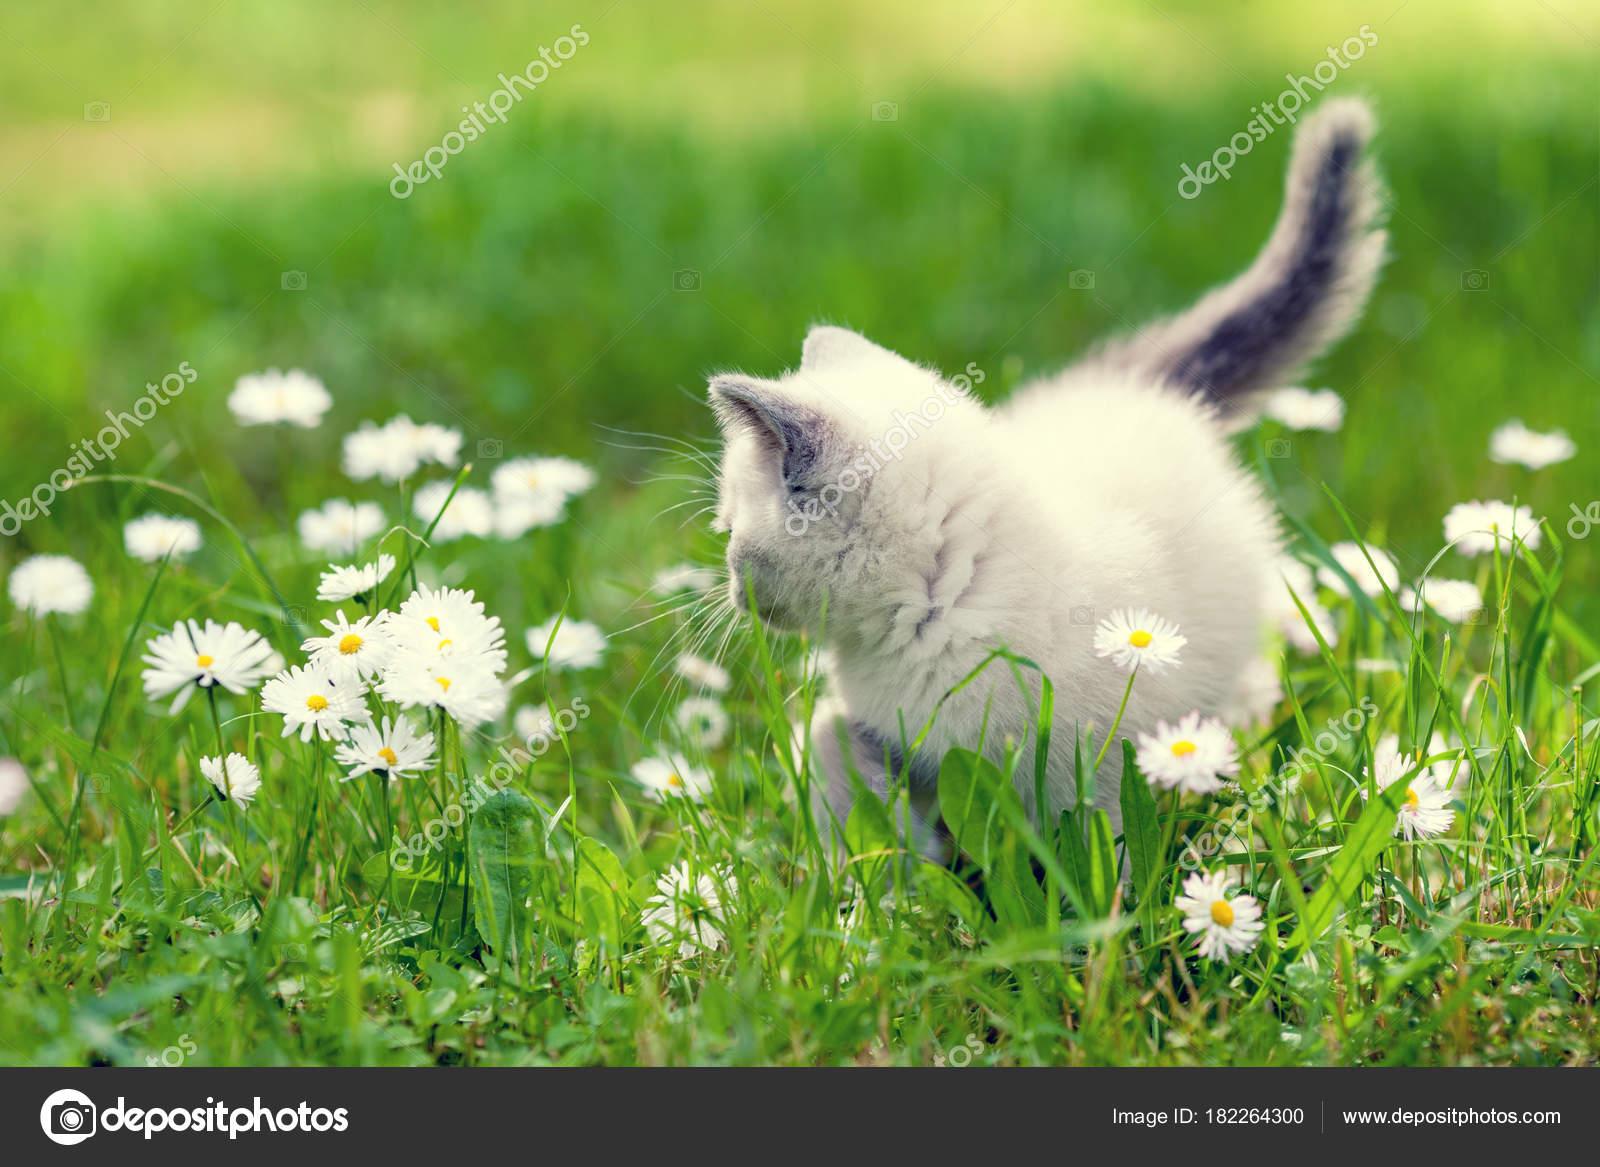 Cute little kitten walking daisy flower lawn summer stock photo cute little kitten walking in the daisy flower lawn in summer photo by vvvita izmirmasajfo